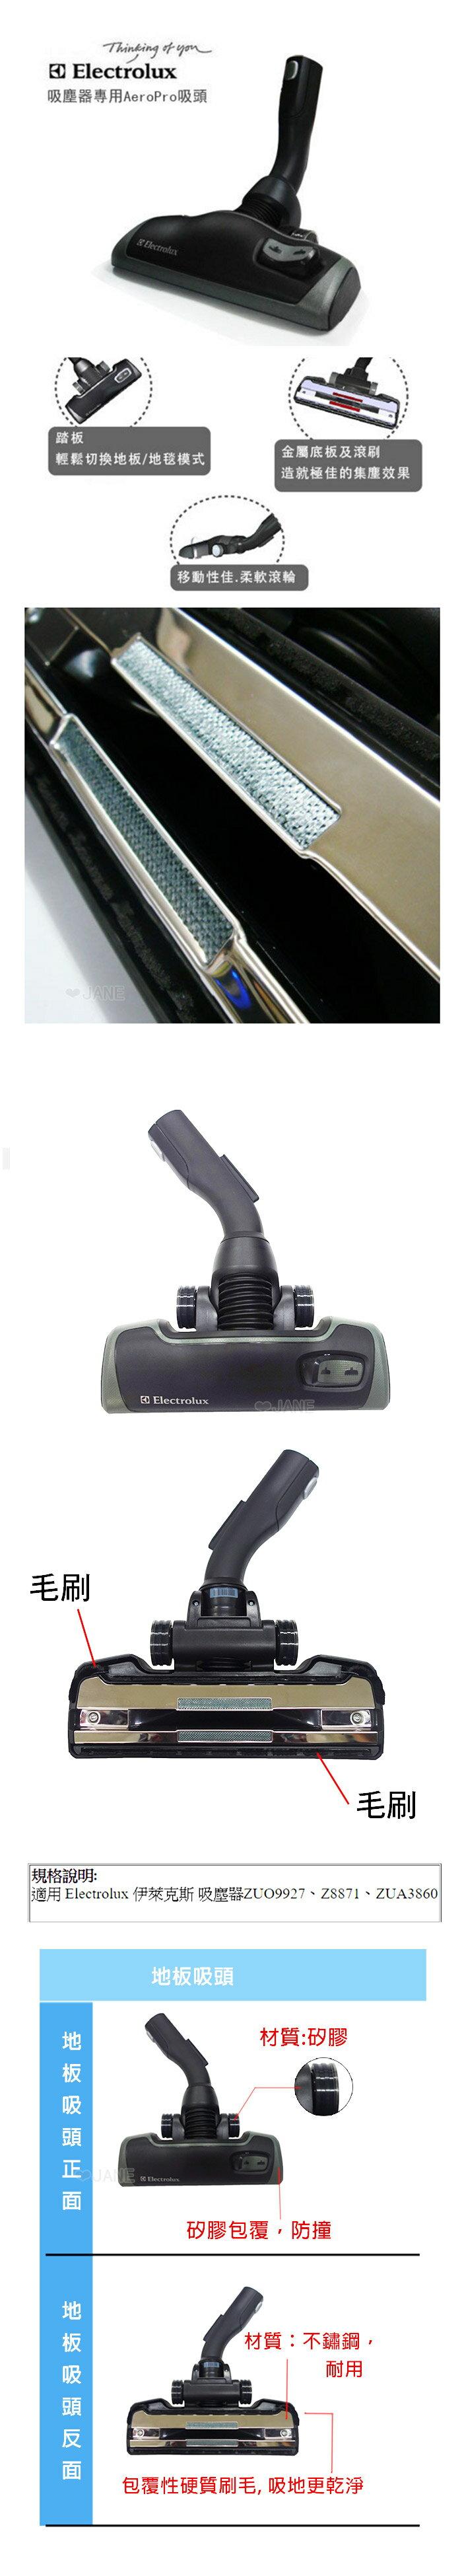 Electrolux  伊萊克斯  ZUO9927  吸塵器專用 AeroPro地板吸頭 - 限時優惠好康折扣